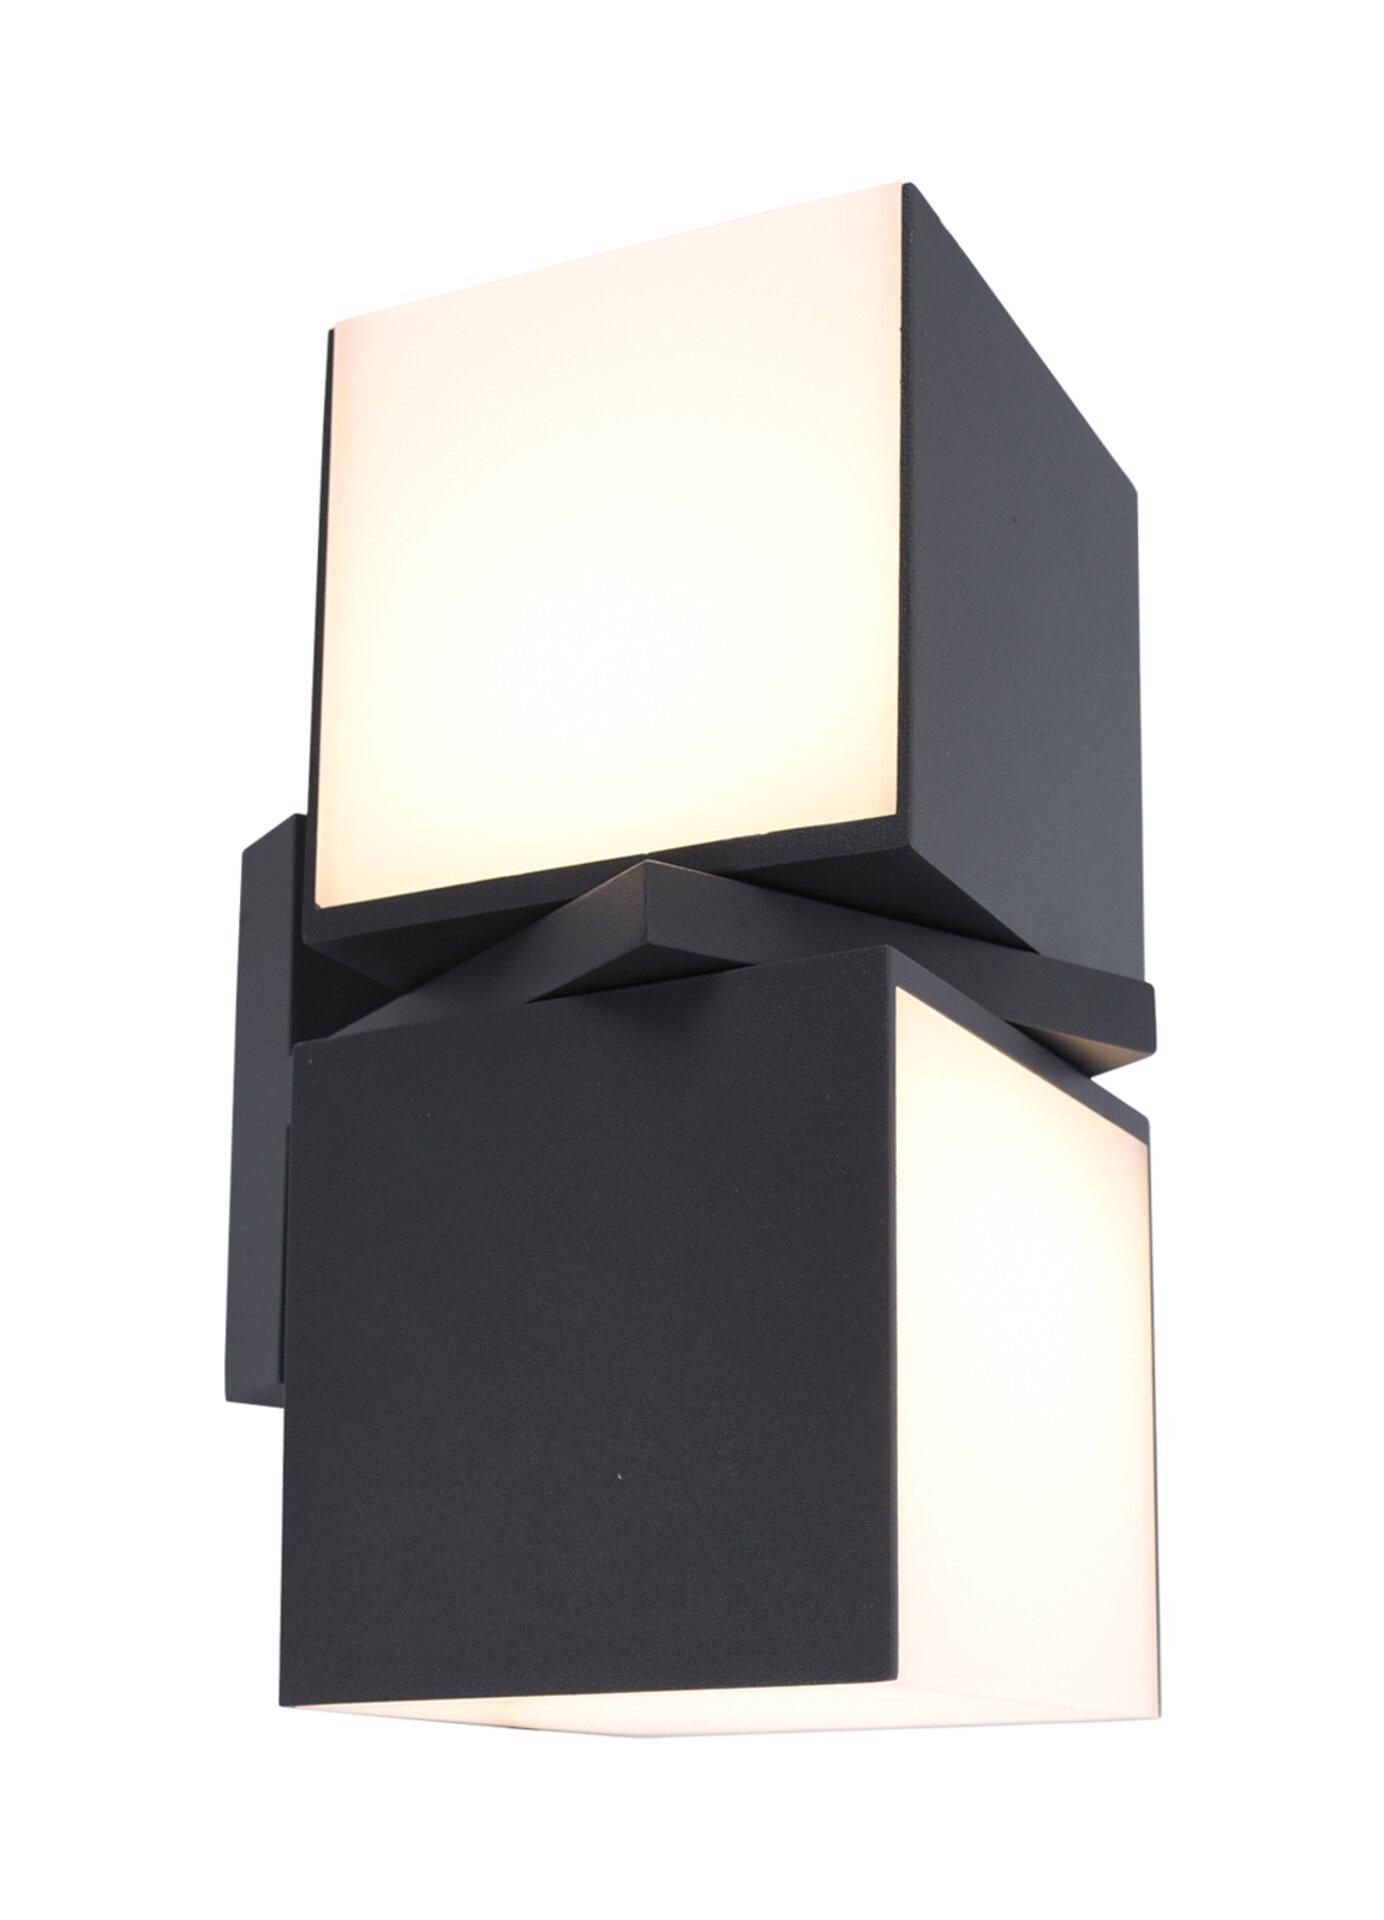 Wand-Aussenleuchte Cuba Eco-Light Metall grau 10 x 21 x